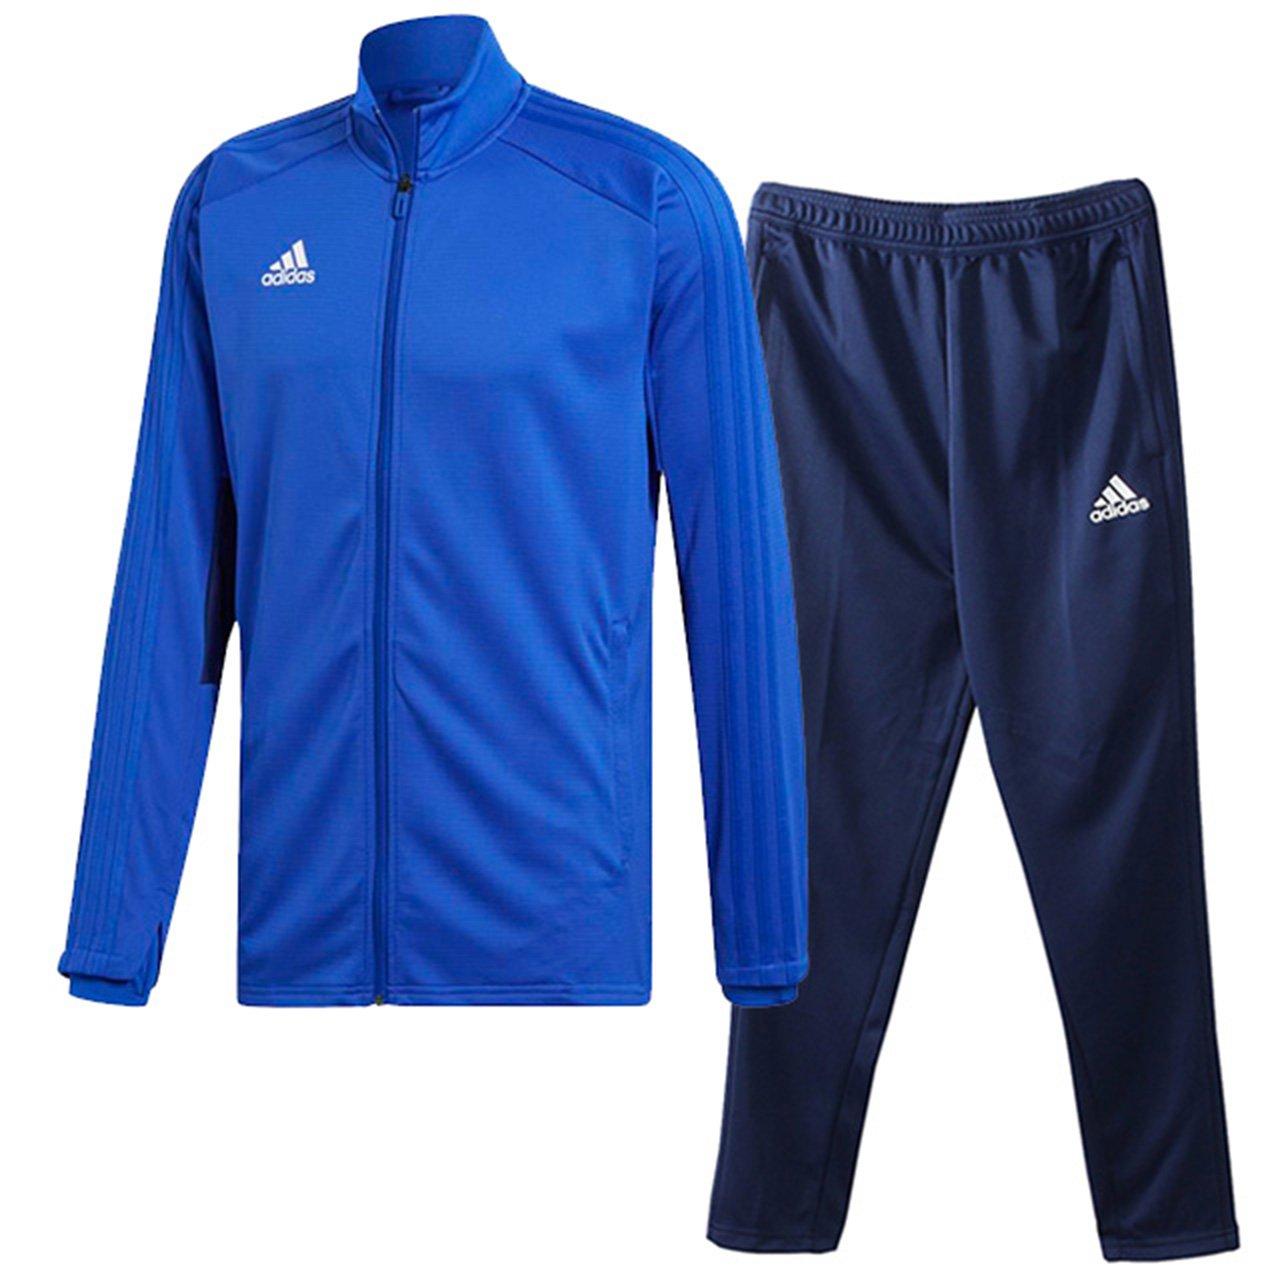 アディダス(adidas) CONDIVO18 トレーニングウエア 上下セット(ボールドブルー/ダークブルー) DJV56-CG0405-DJU99-CV8243 B079868V1V 日本 J/L-(日本サイズL相当)|ボールドブルー×ダークブルー ボールドブルー×ダークブルー 日本 J/L-(日本サイズL相当)